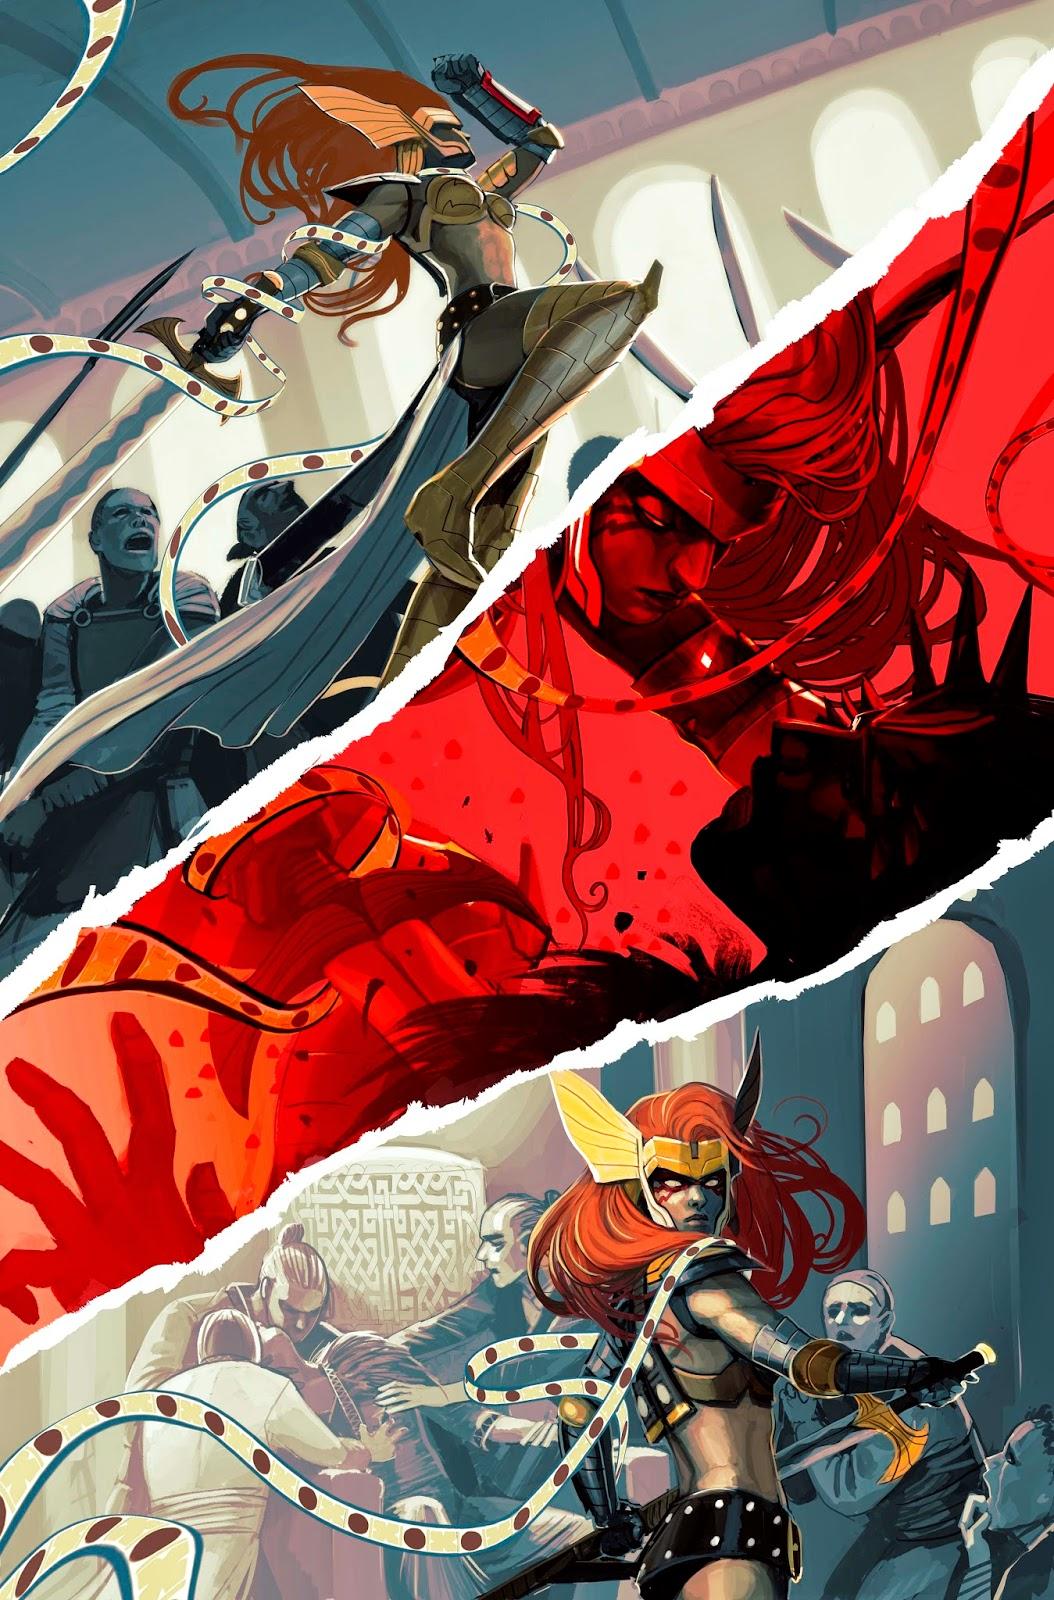 Angela_Asgard's_Assassin_1_Preview_3.JPG